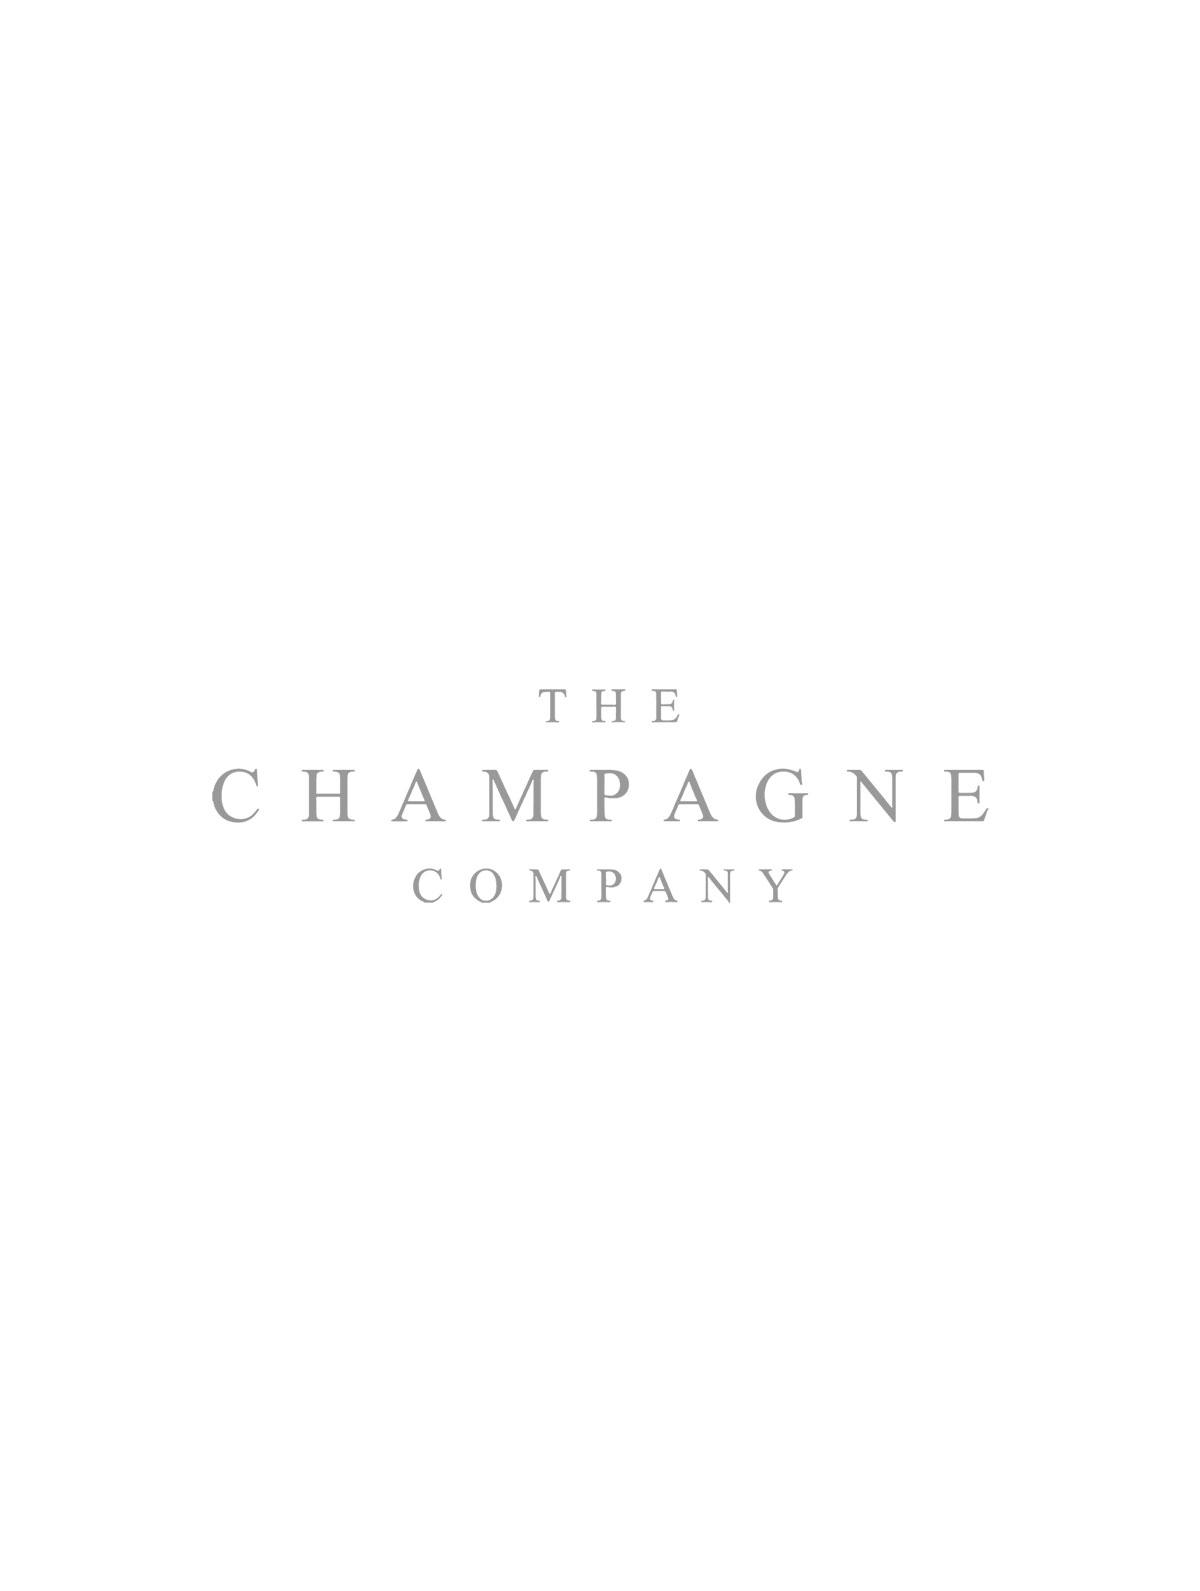 Dom Perignon 1970 Plenitude P3 Vintage Champagne 75cl Gift Boxed